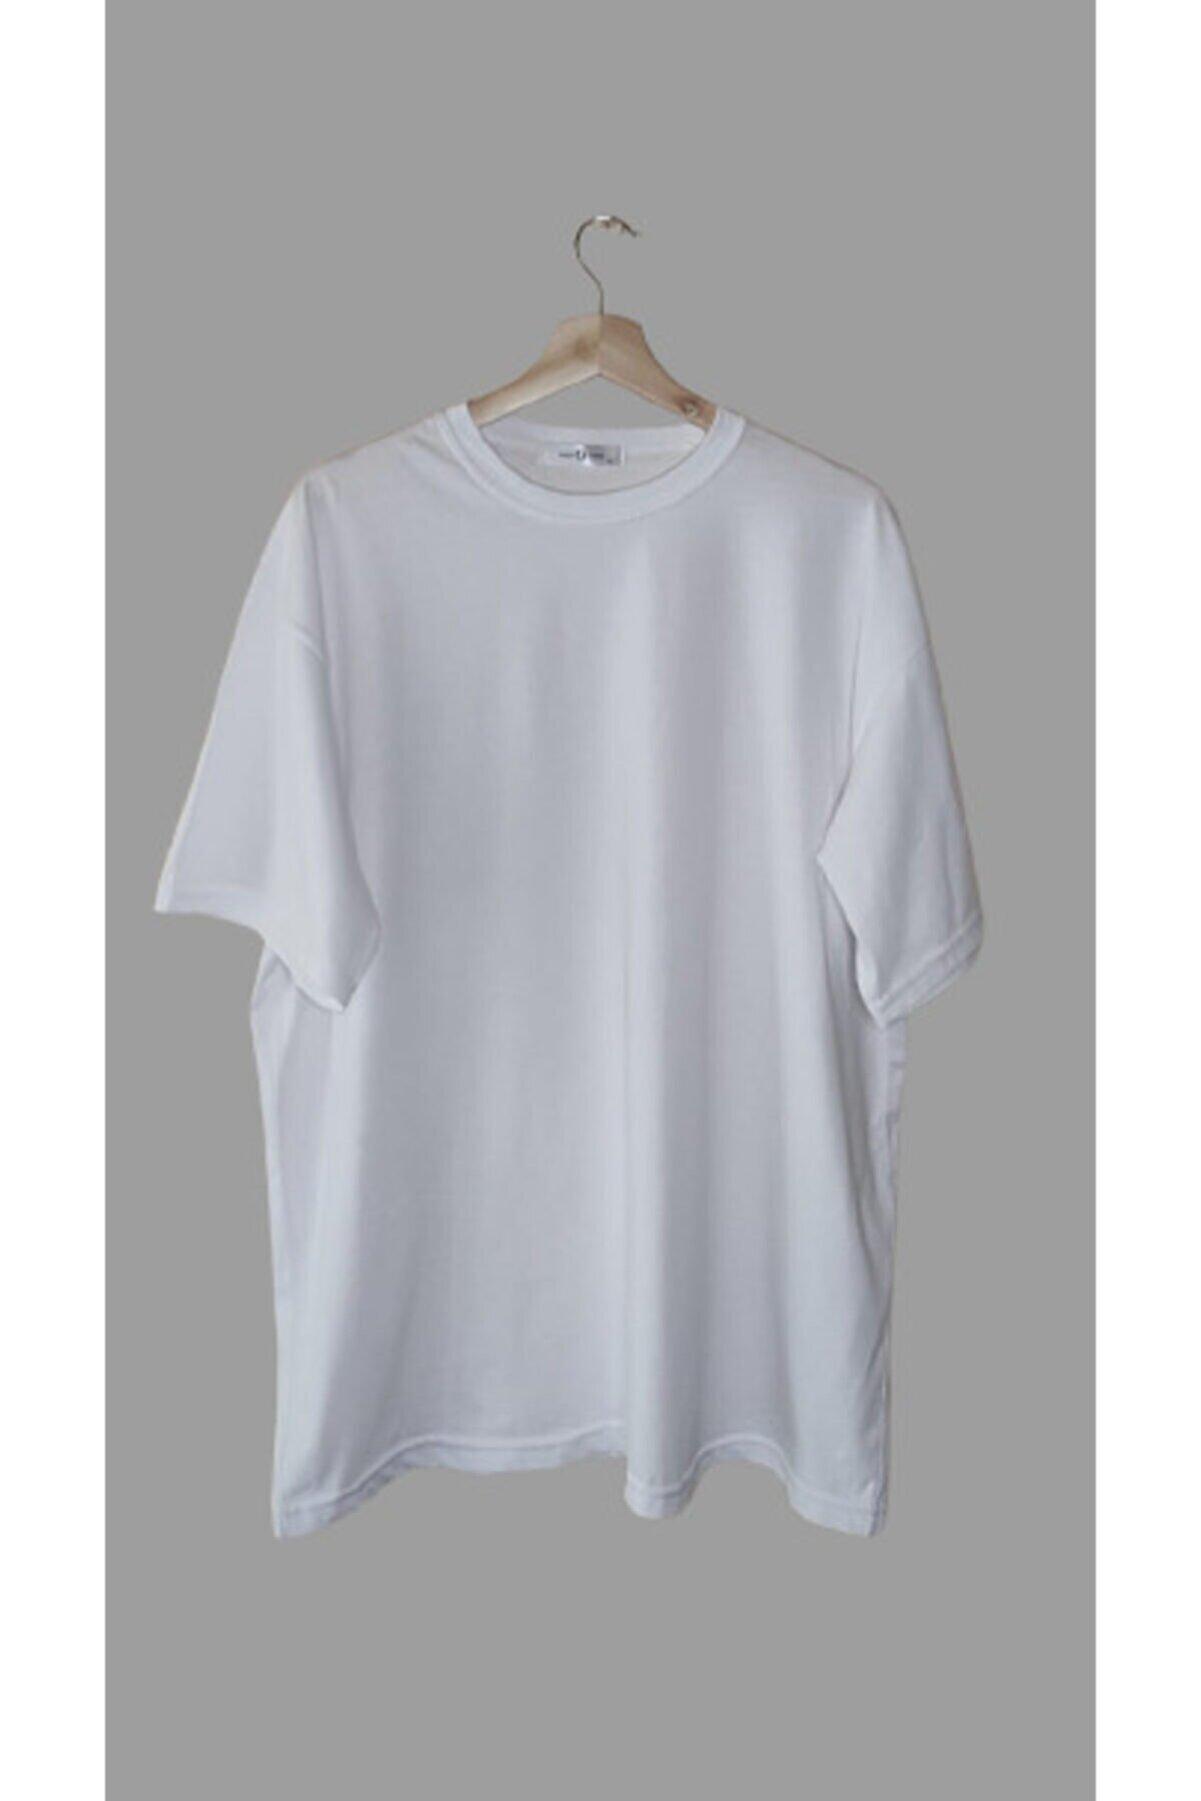 World Unisex Beyaz Oversize Tişört